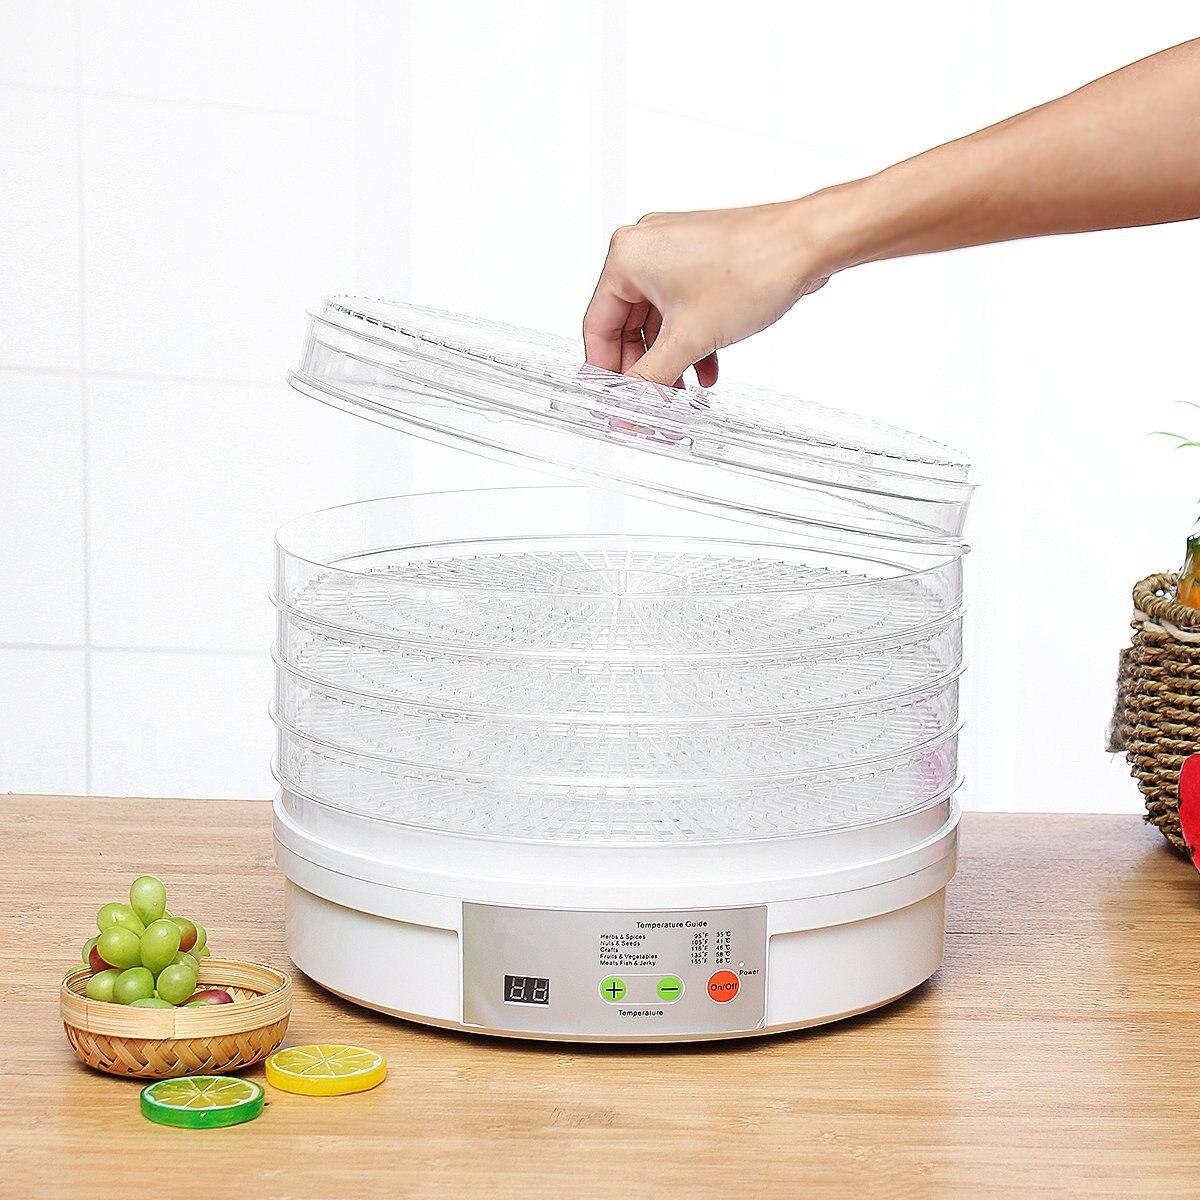 110 220v produto comestivel como digital desidratador de alimentos fruta vegetal